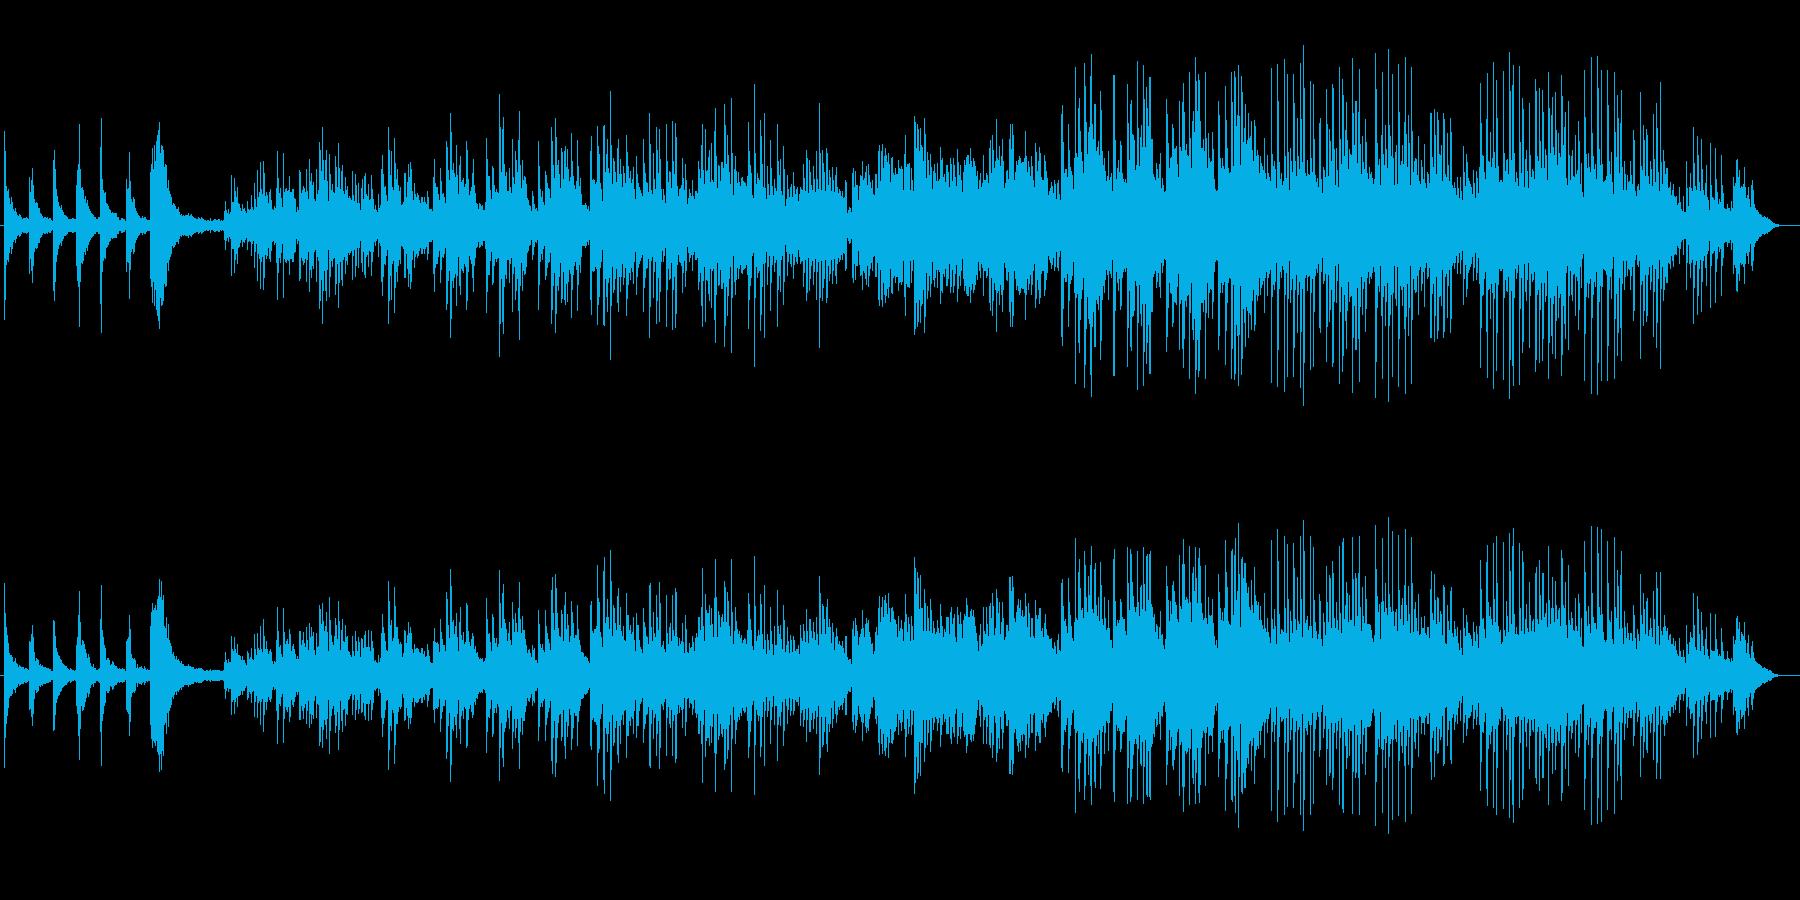 ピアノのメロディが懐かしい気分のバラードの再生済みの波形